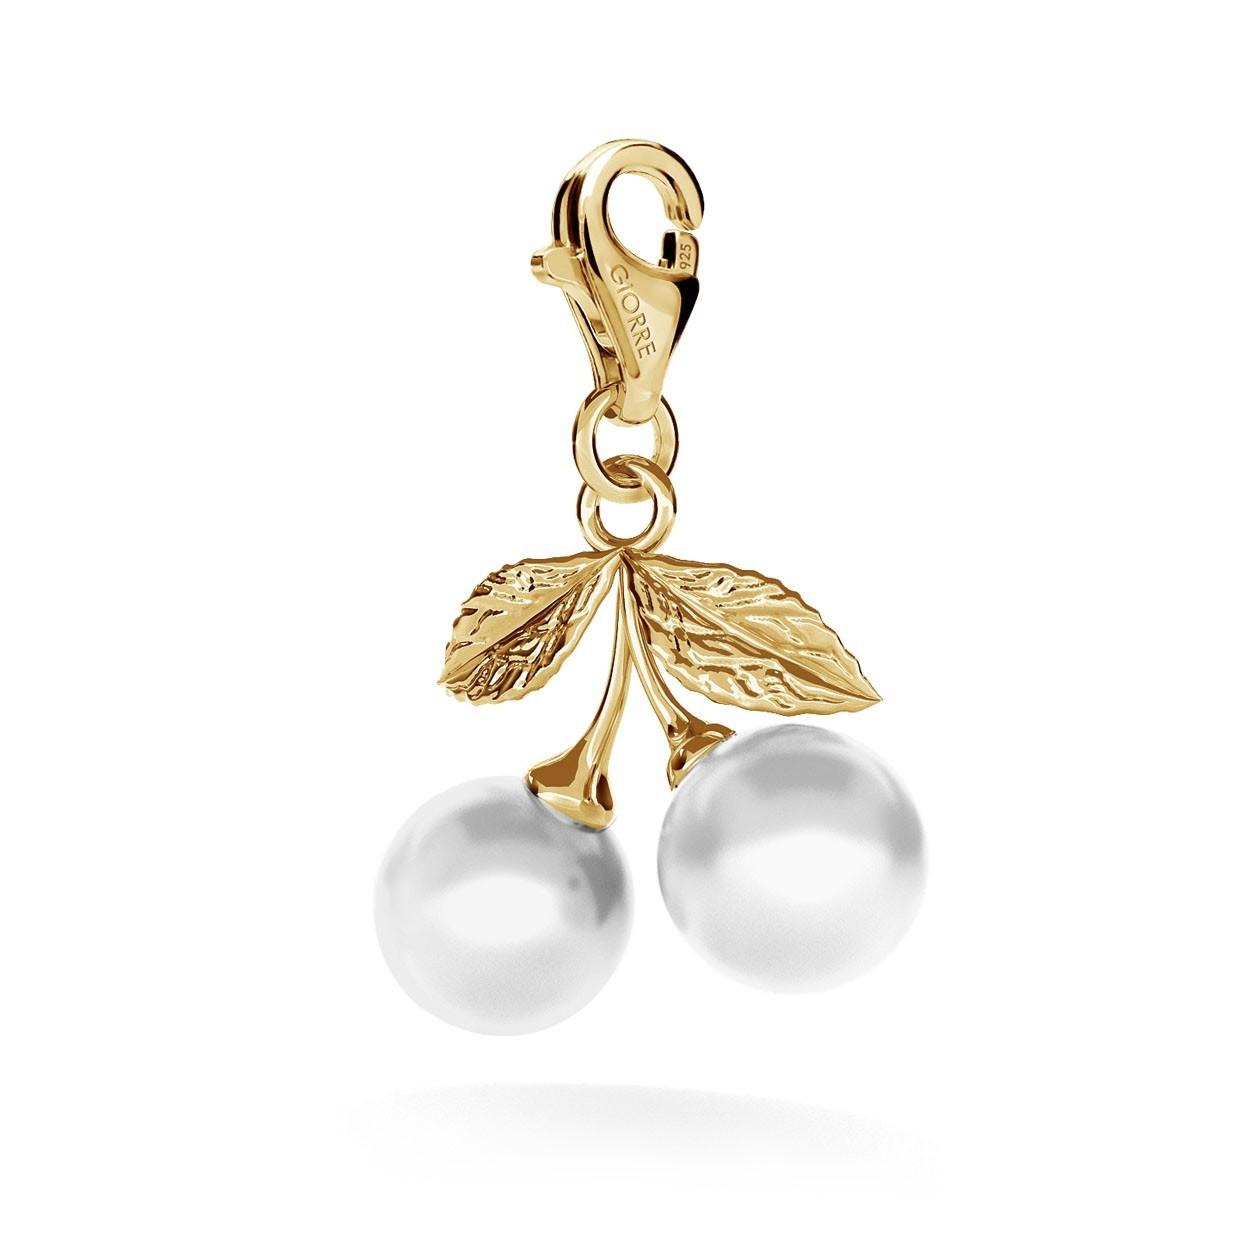 Srebrny charms dwie wisienki perły Swarovski, srebro 925